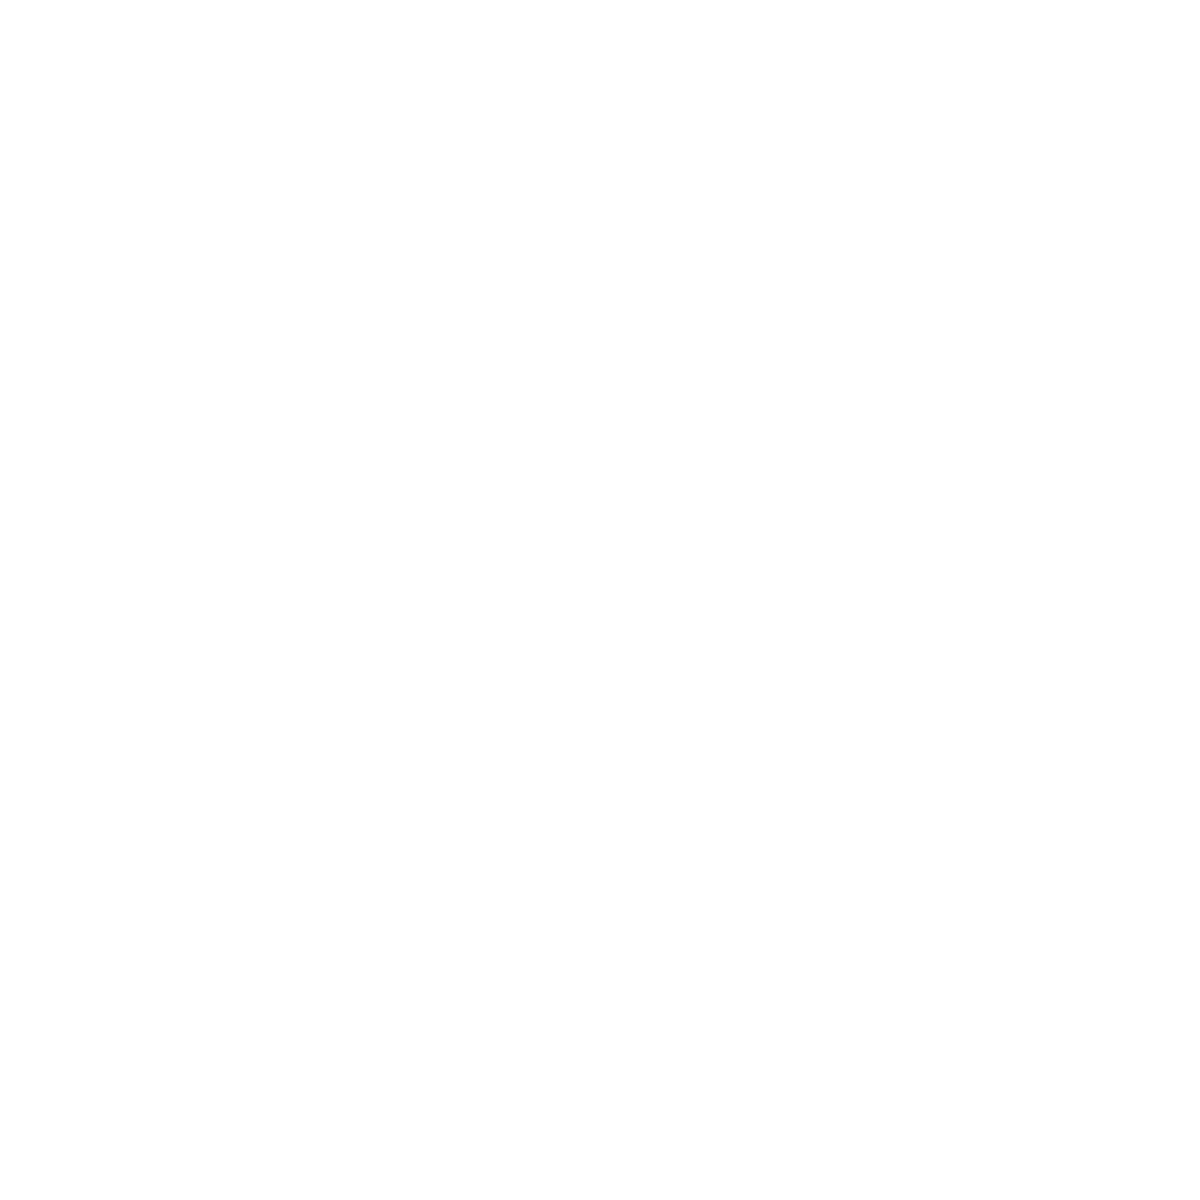 Der gute mensch von sezuan analyse szene 5 | Main page